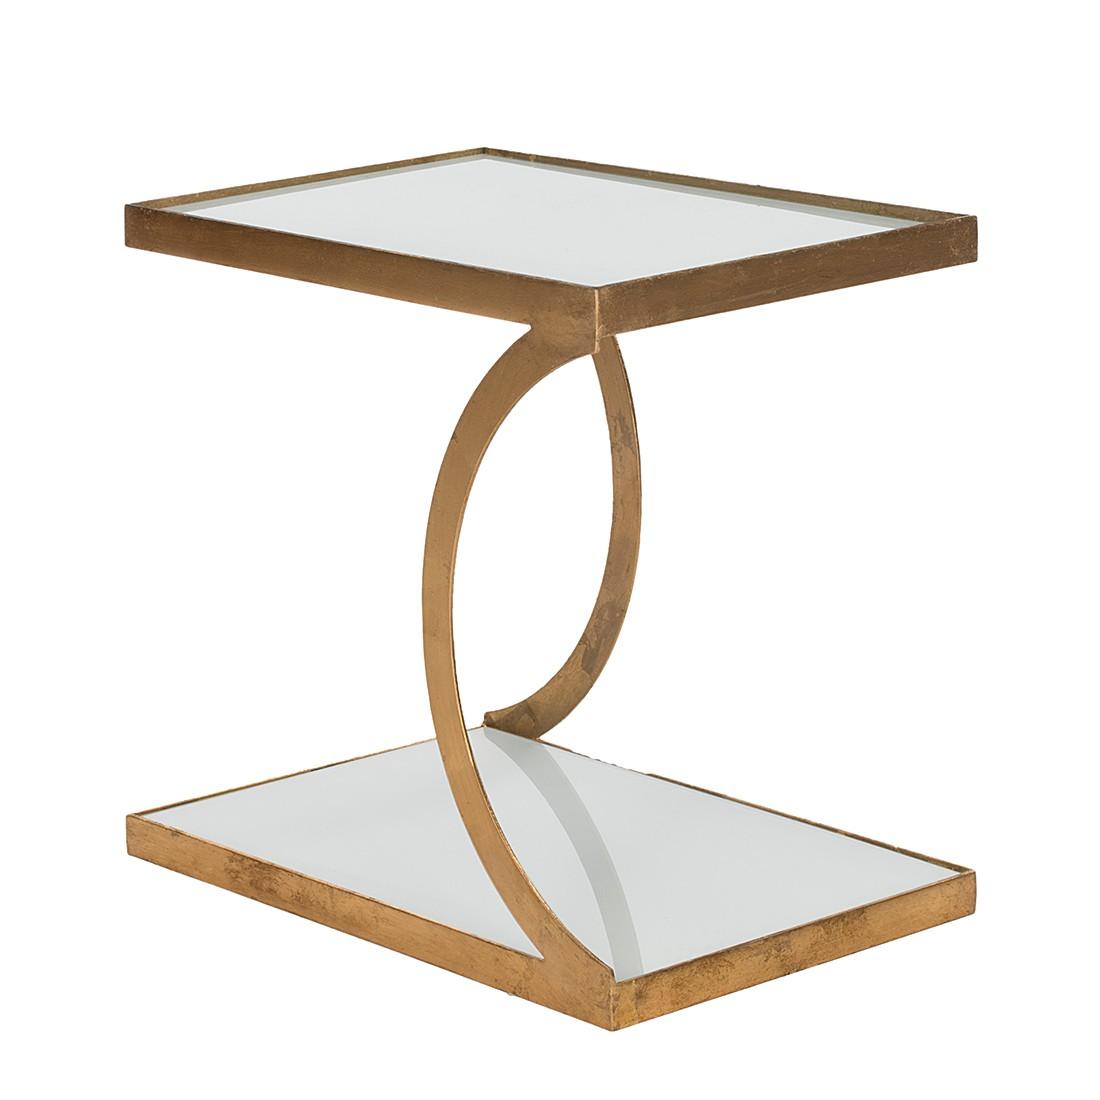 Table d 39 appoint sullivan dor safavieh le fait main - Table d appoint dore ...